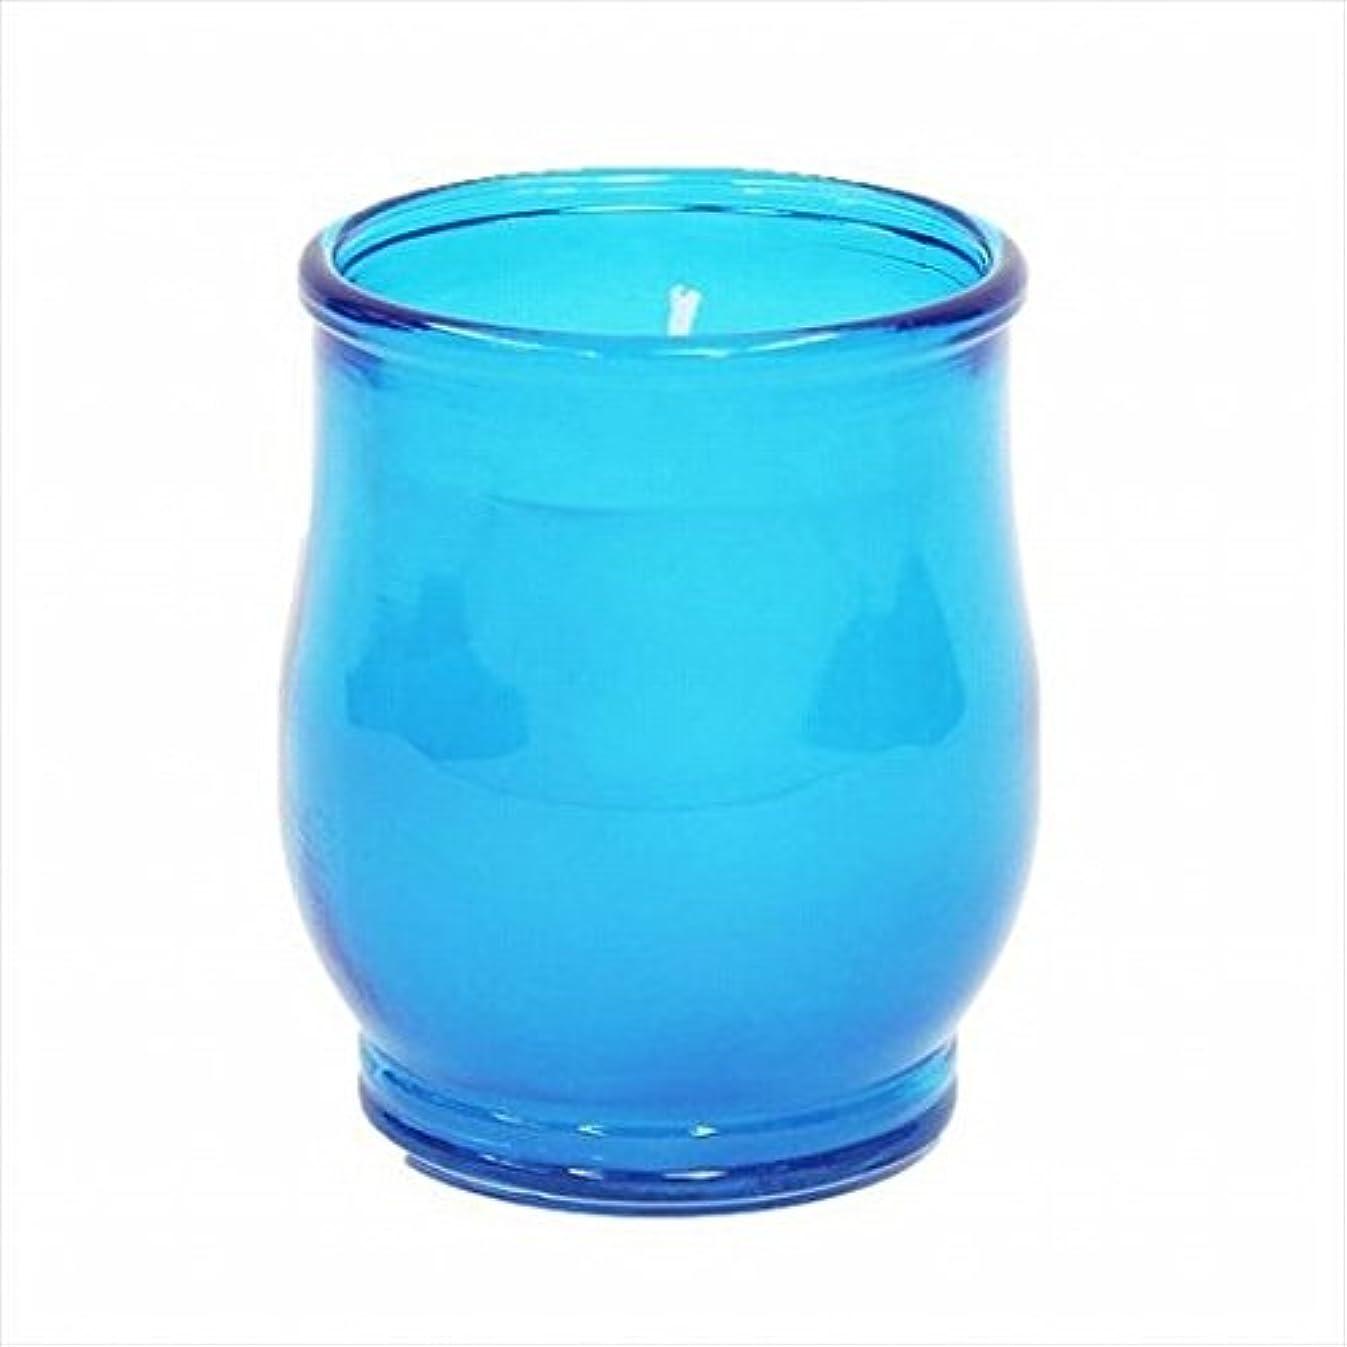 並外れた光沢のあるトラフィックkameyama candle(カメヤマキャンドル) ポシェ(非常用コップローソク) 「 ブルー 」 キャンドル 68x68x80mm (73020000BL)